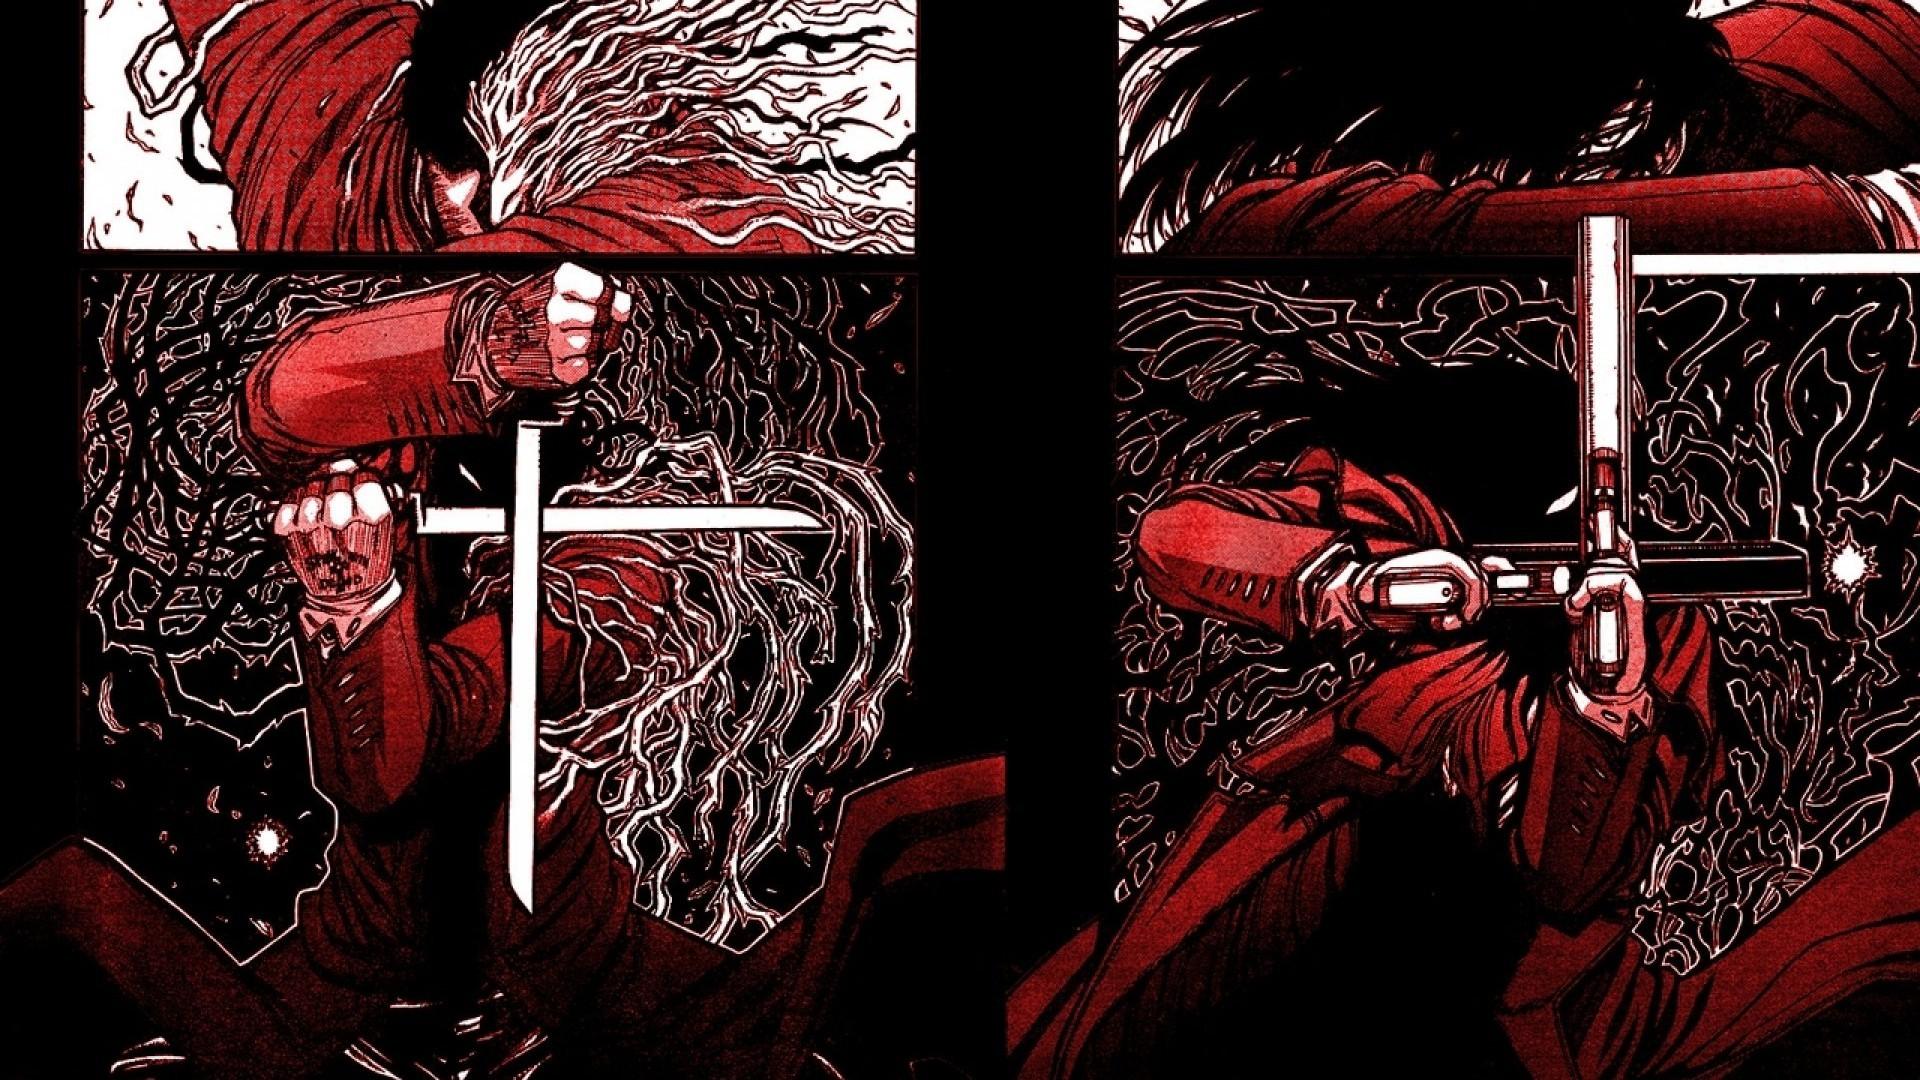 Res: 1920x1080, Hellsing Alucard Vampire alexander anderson 1280x1024 hintergrundbild